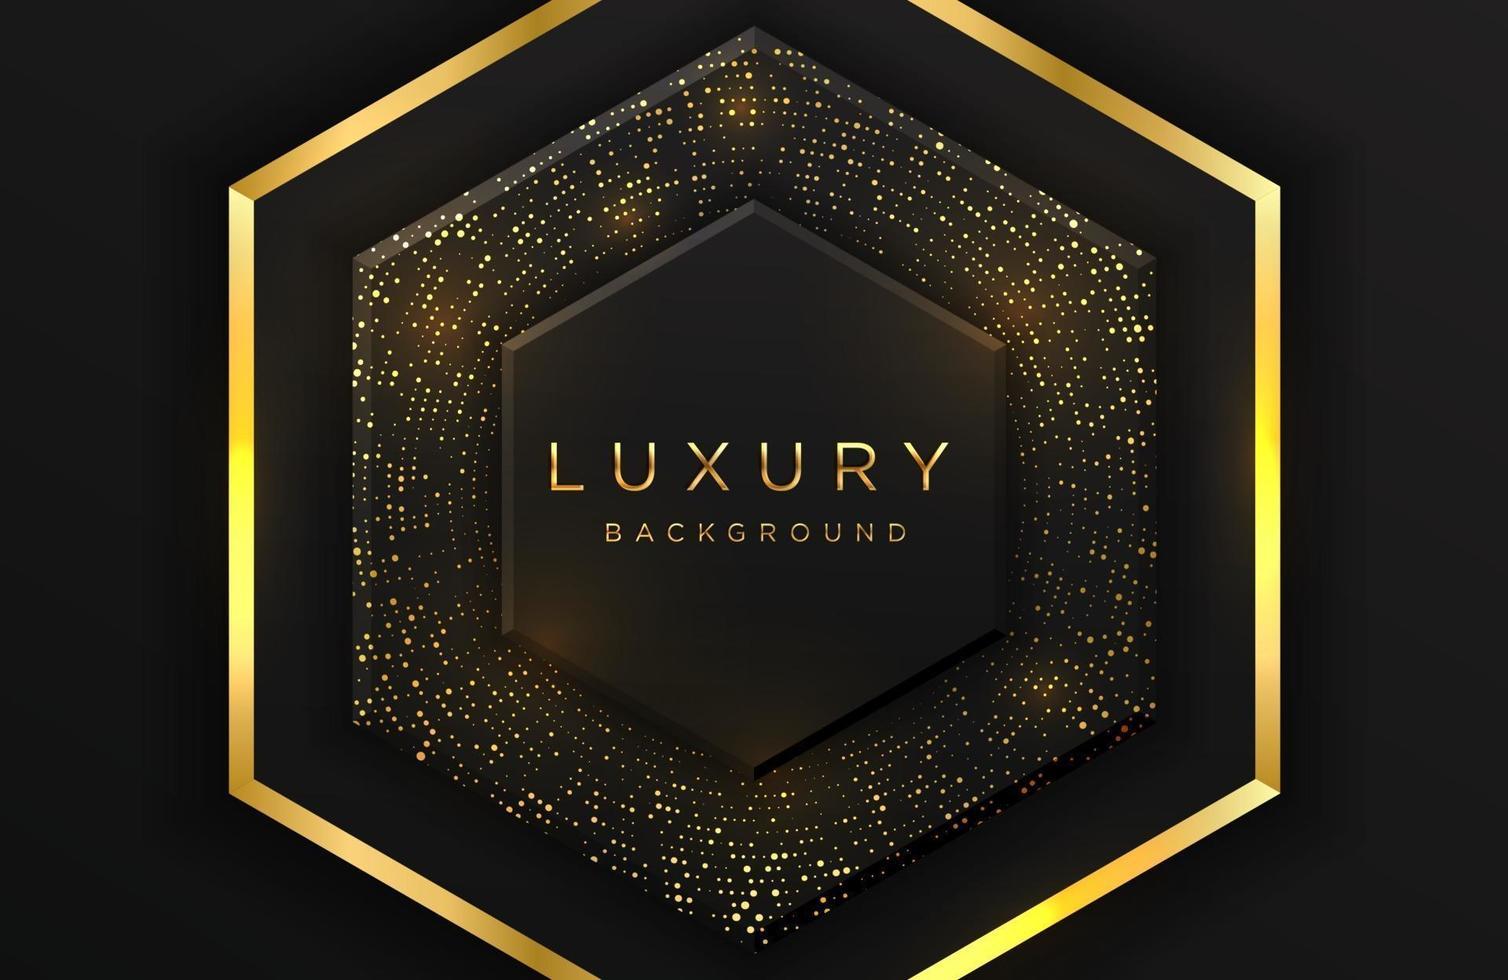 luxe elegante 3d zeshoekige vorm achtergrond met glinsterende goud gestippelde patroon en lijnen geïsoleerd op zwart. abstracte realistische zwarte papercut achtergrond. elegante sjabloon vector